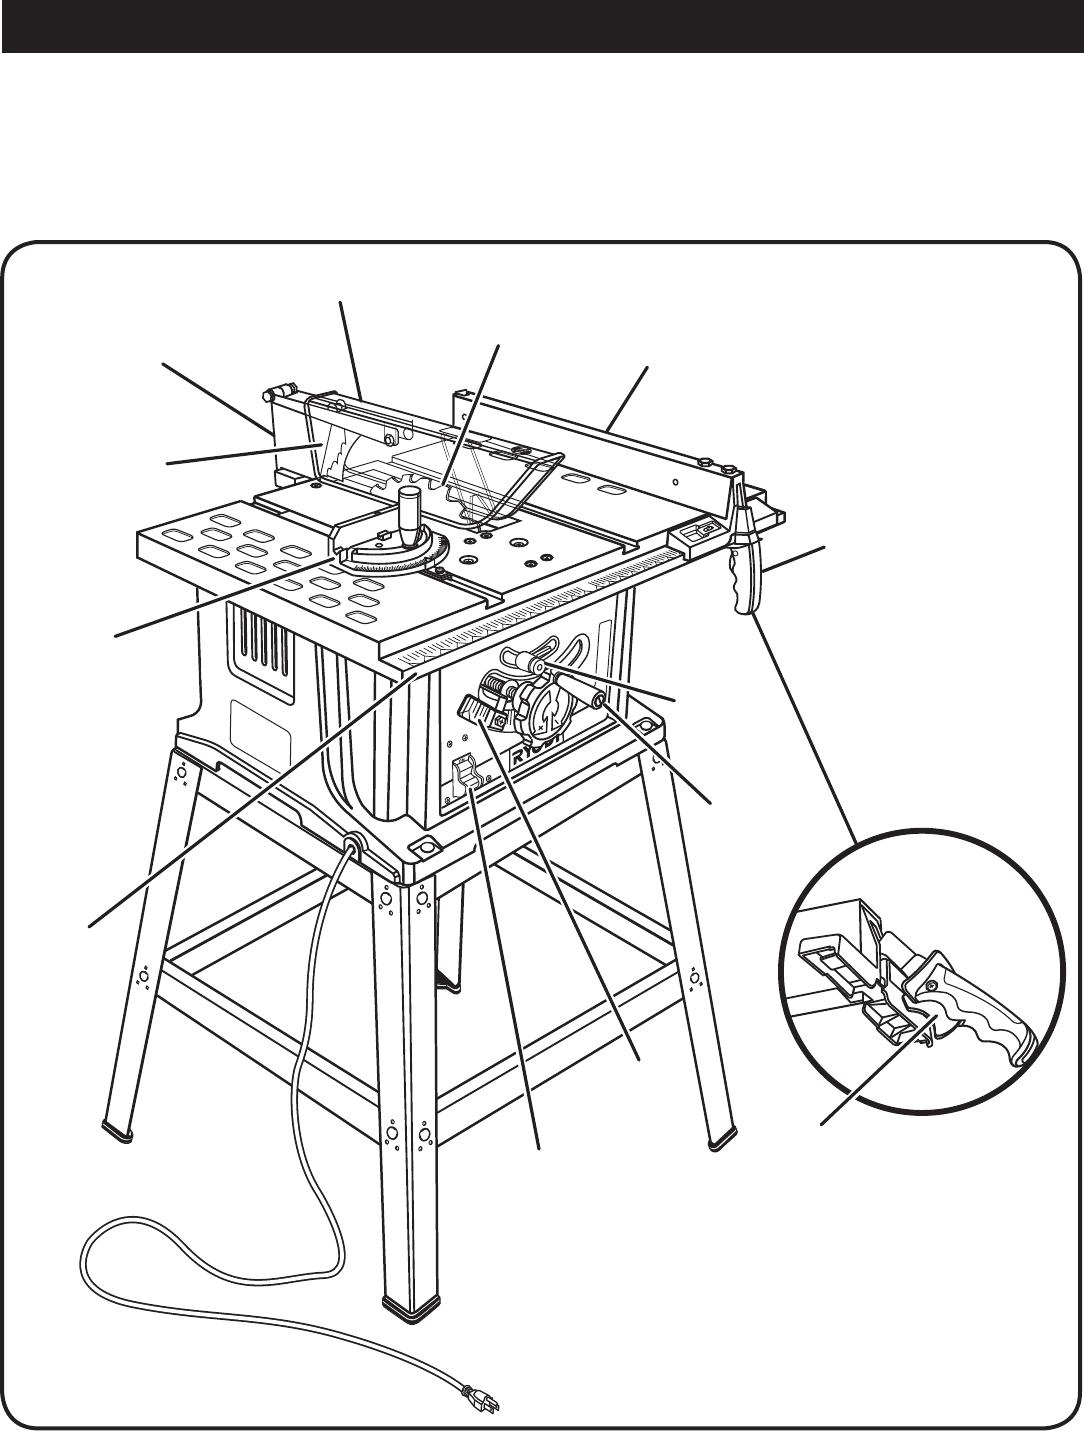 Ryobi Bts12S Owner S Manual